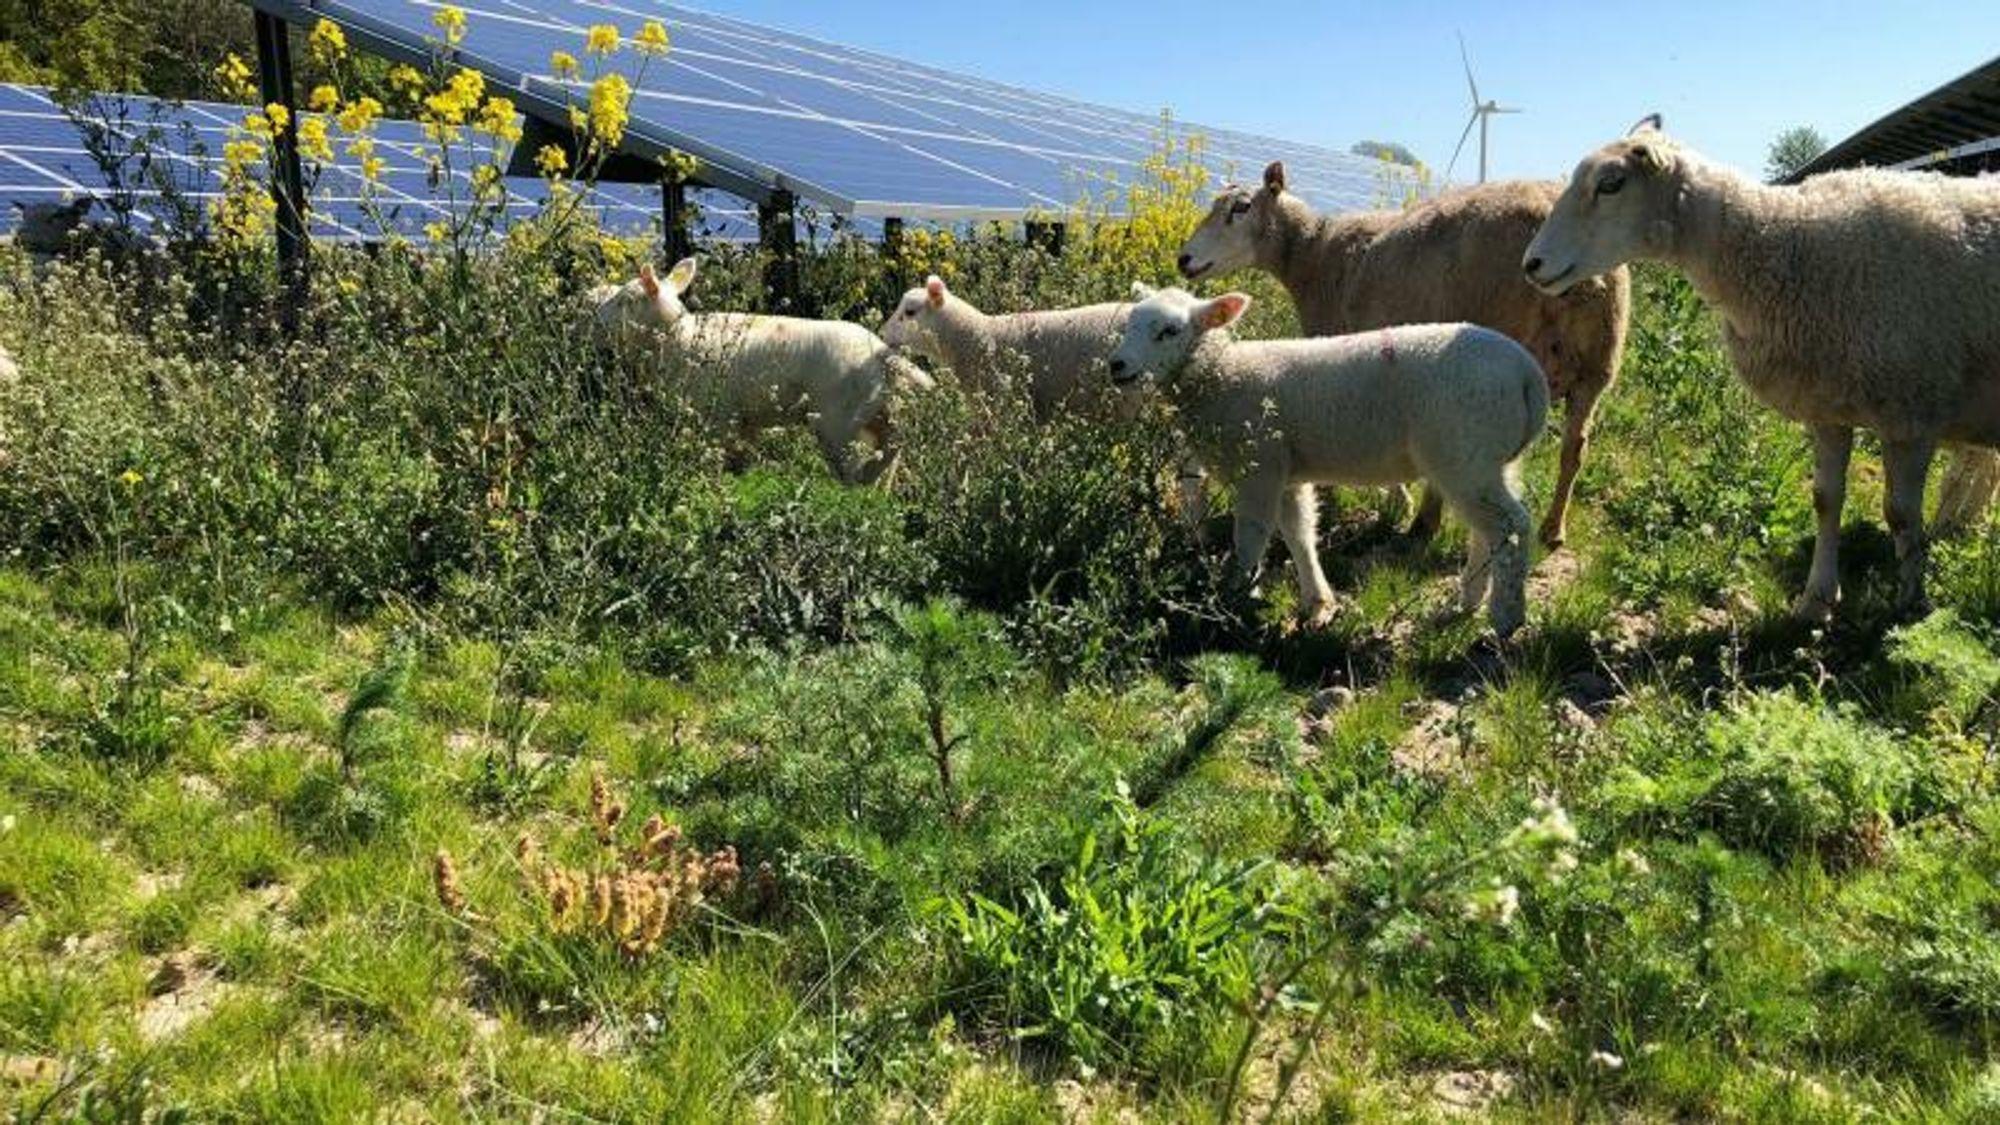 Mellom solcellepanelene i Begreens nye solcelleprosjekter skal det gå lam og sau eller drykes gressprotein.